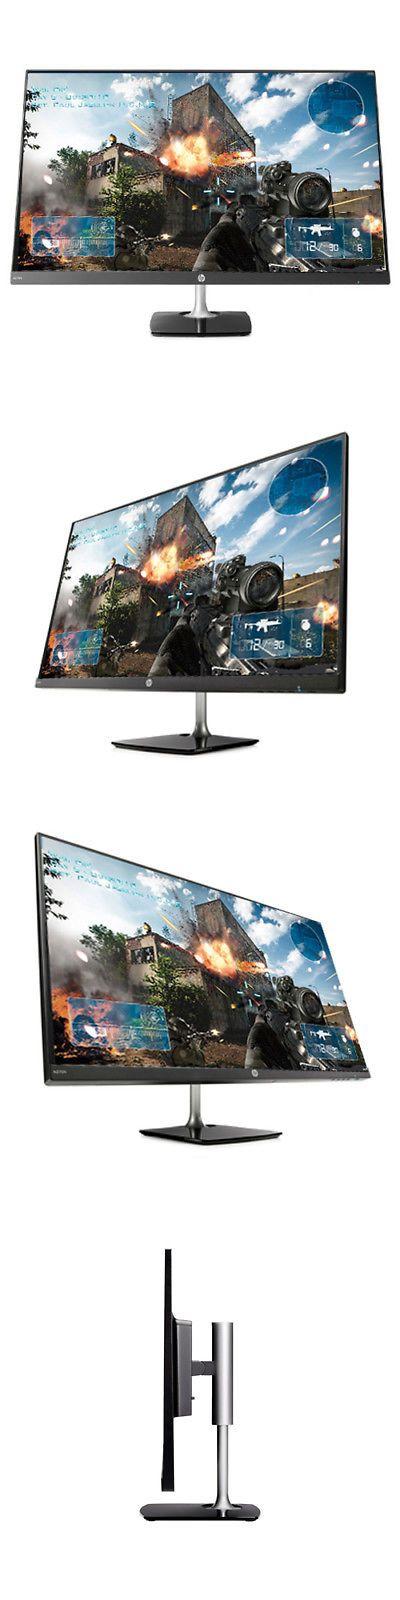 """HP N270h 27/"""" Edge to Edge Full HD Gaming Monitor 1000:1-16:9"""